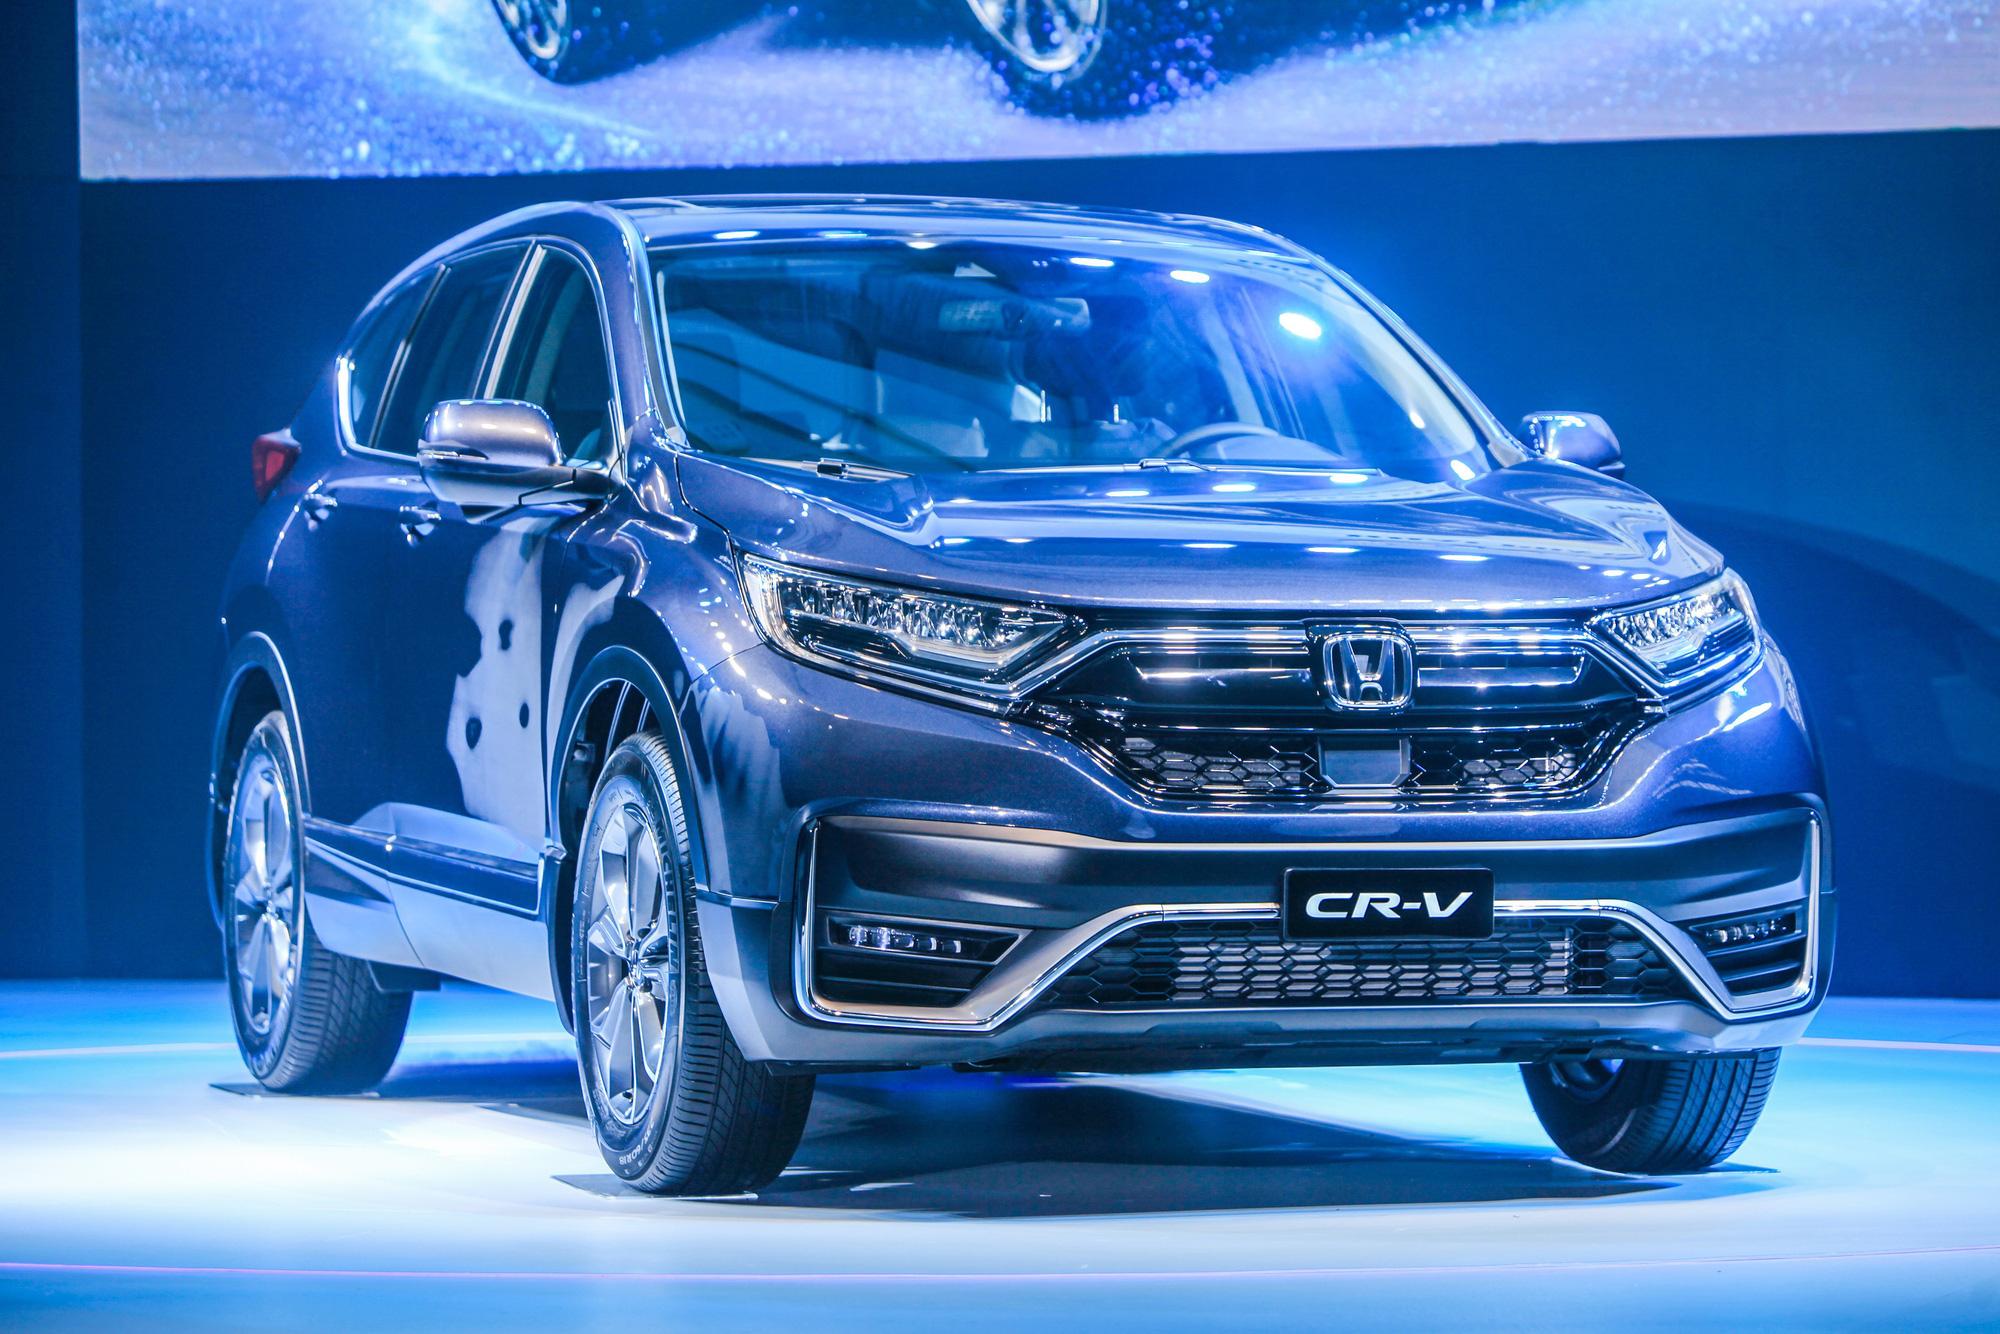 Những mẫu xe được giảm giá mạnh trong tháng cuối năm - Ảnh 1.